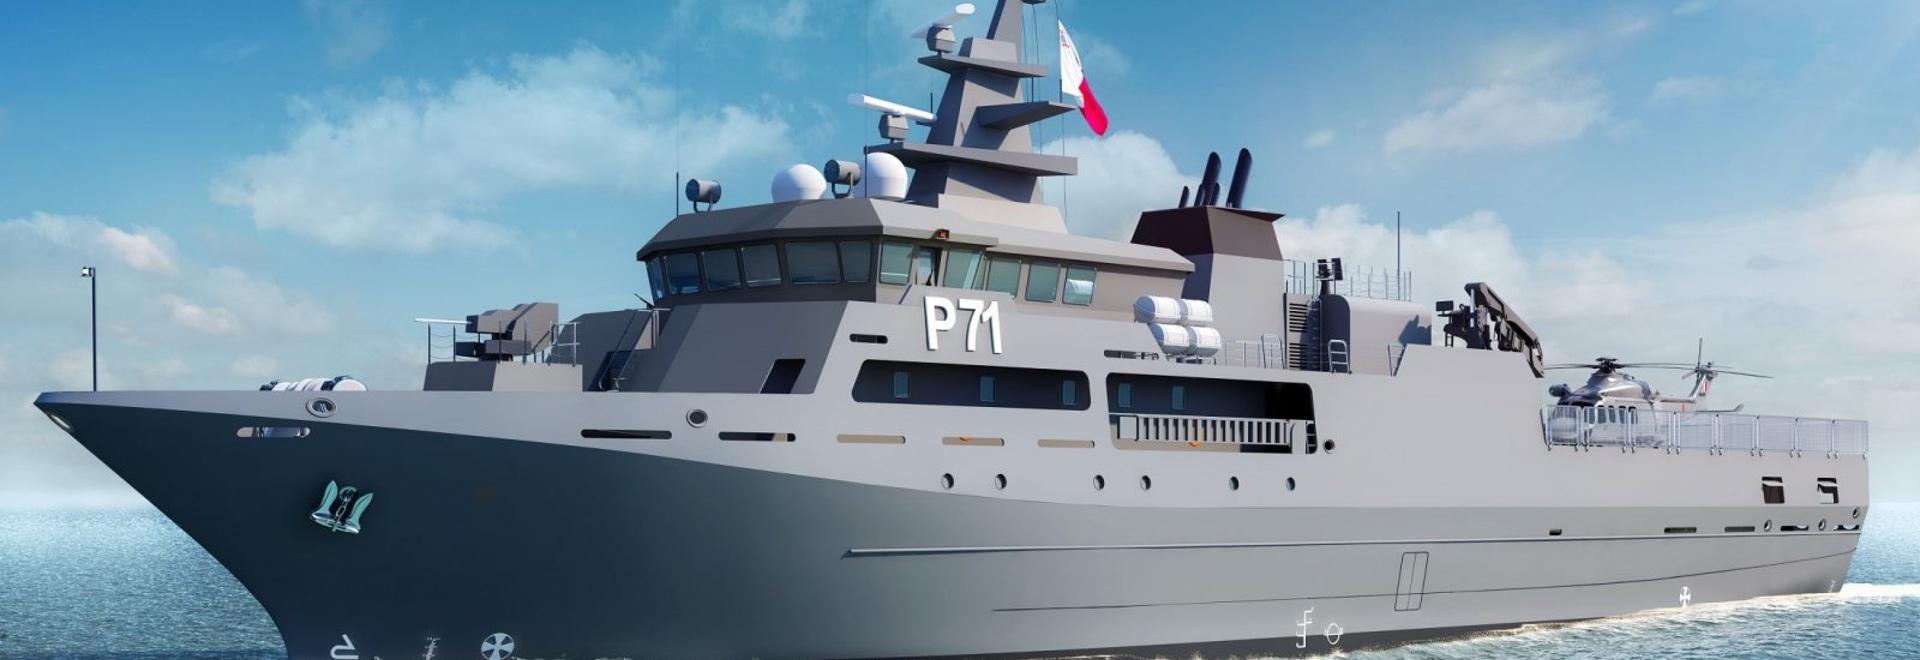 Rolls-Royce erhält Auftrag zur Lieferung eines Antriebspakets für ein neues Patrouillenschiff für Malta